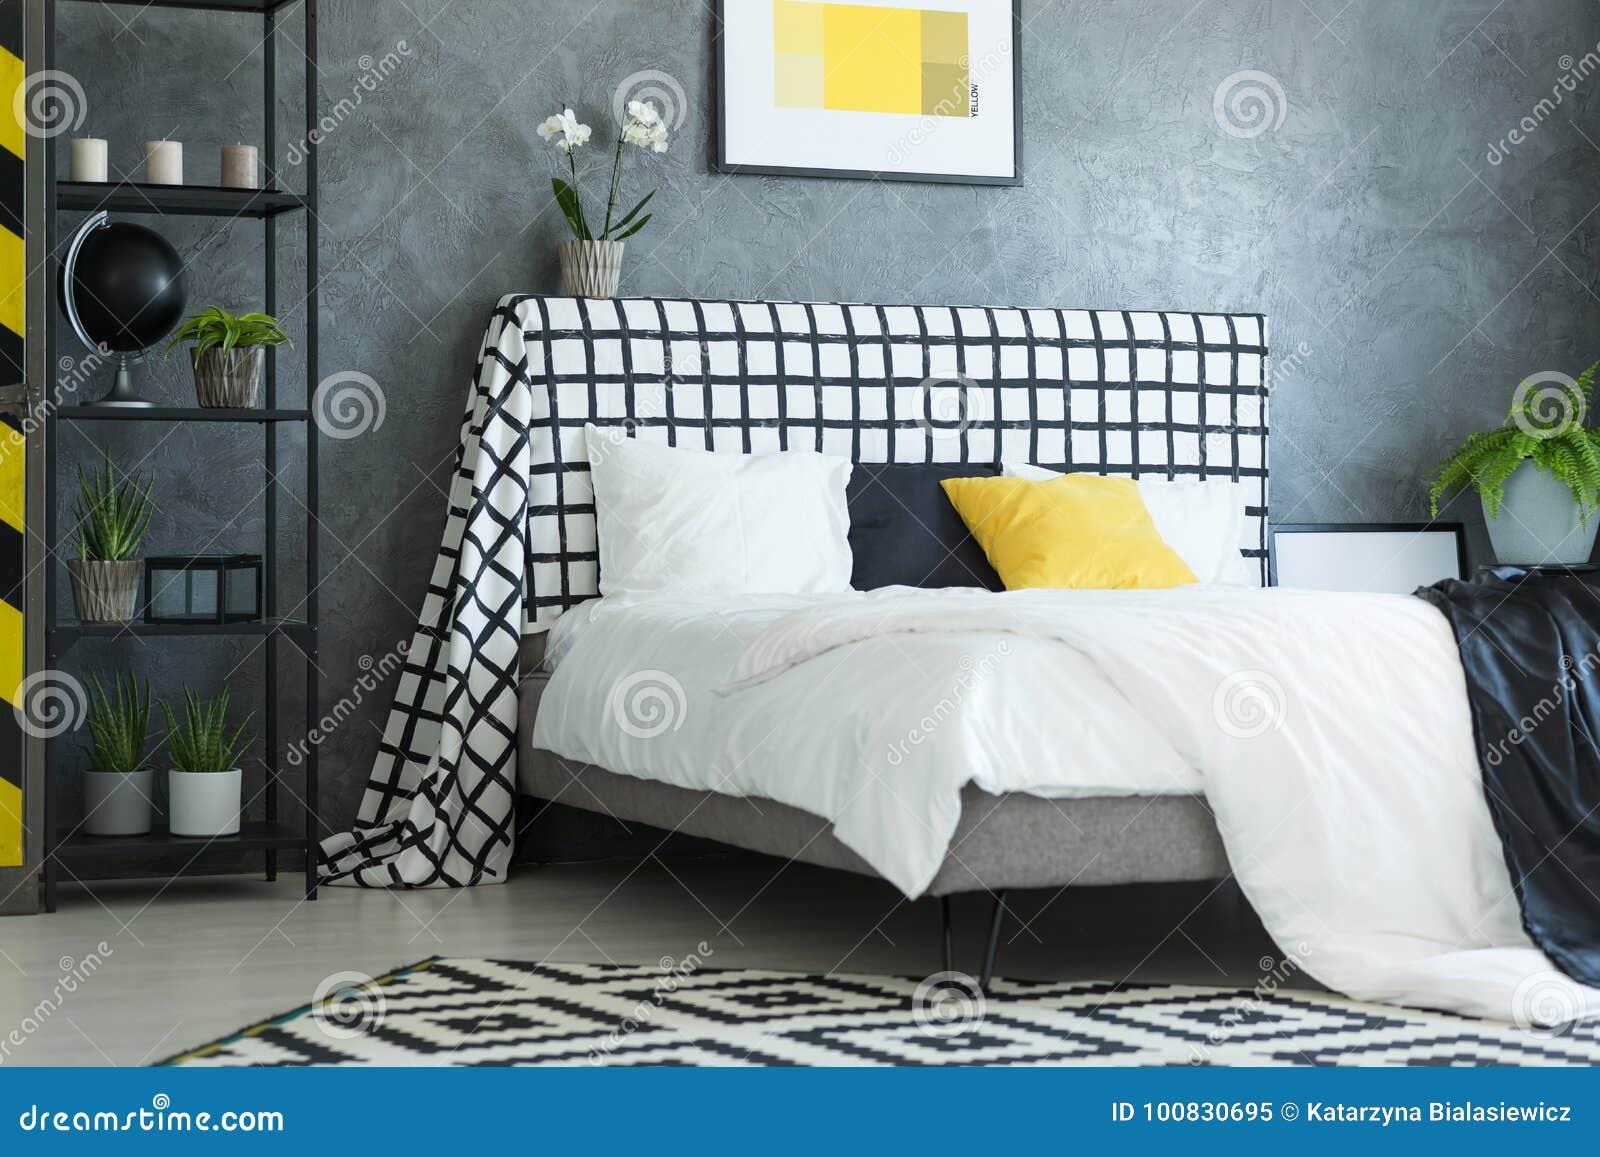 Skandinavische slaapkamer met witte orchidee